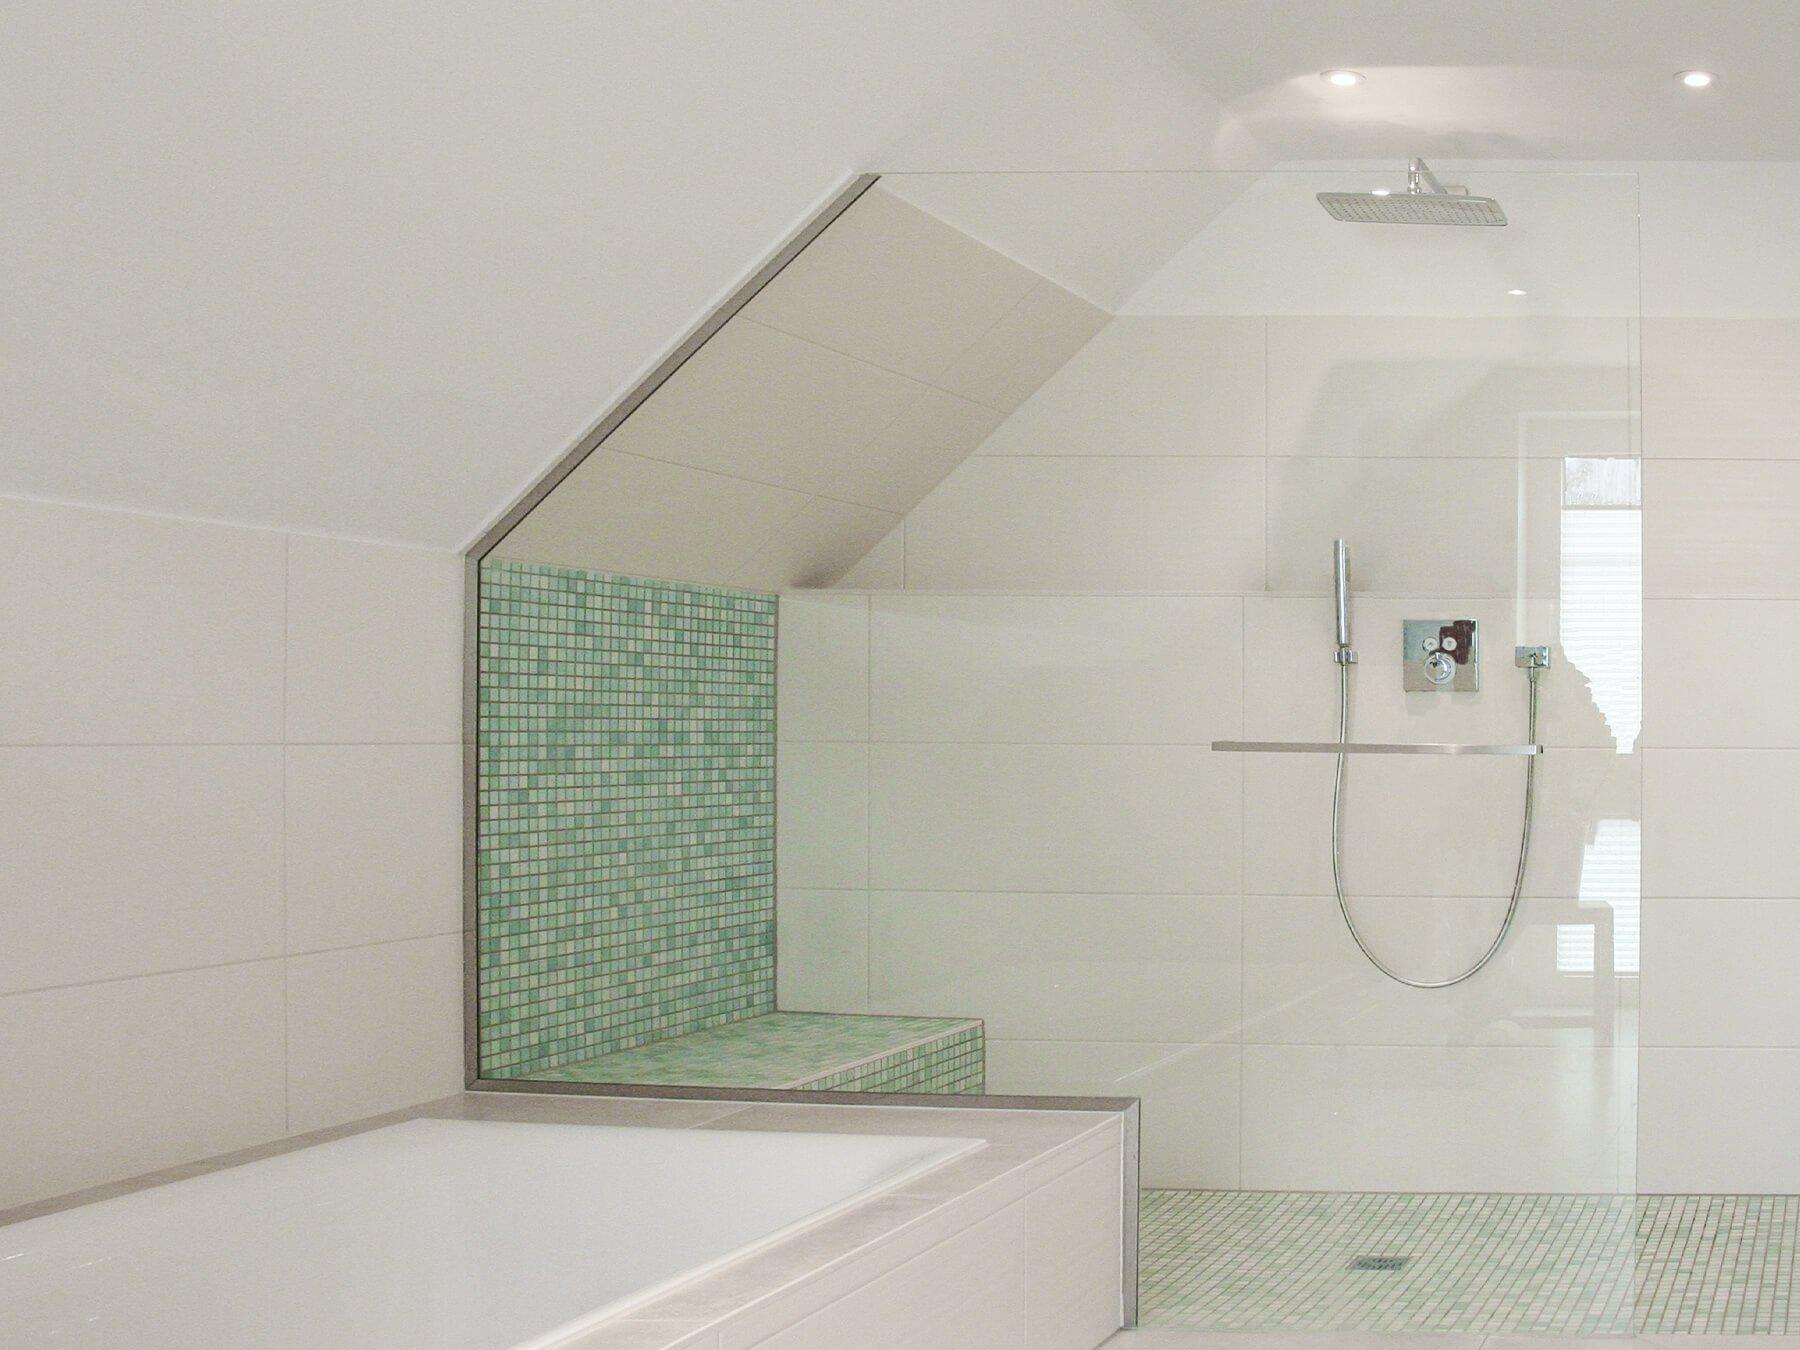 Barrierefreie Dusche mit schrägem Festteil und befliester Sitzfläche